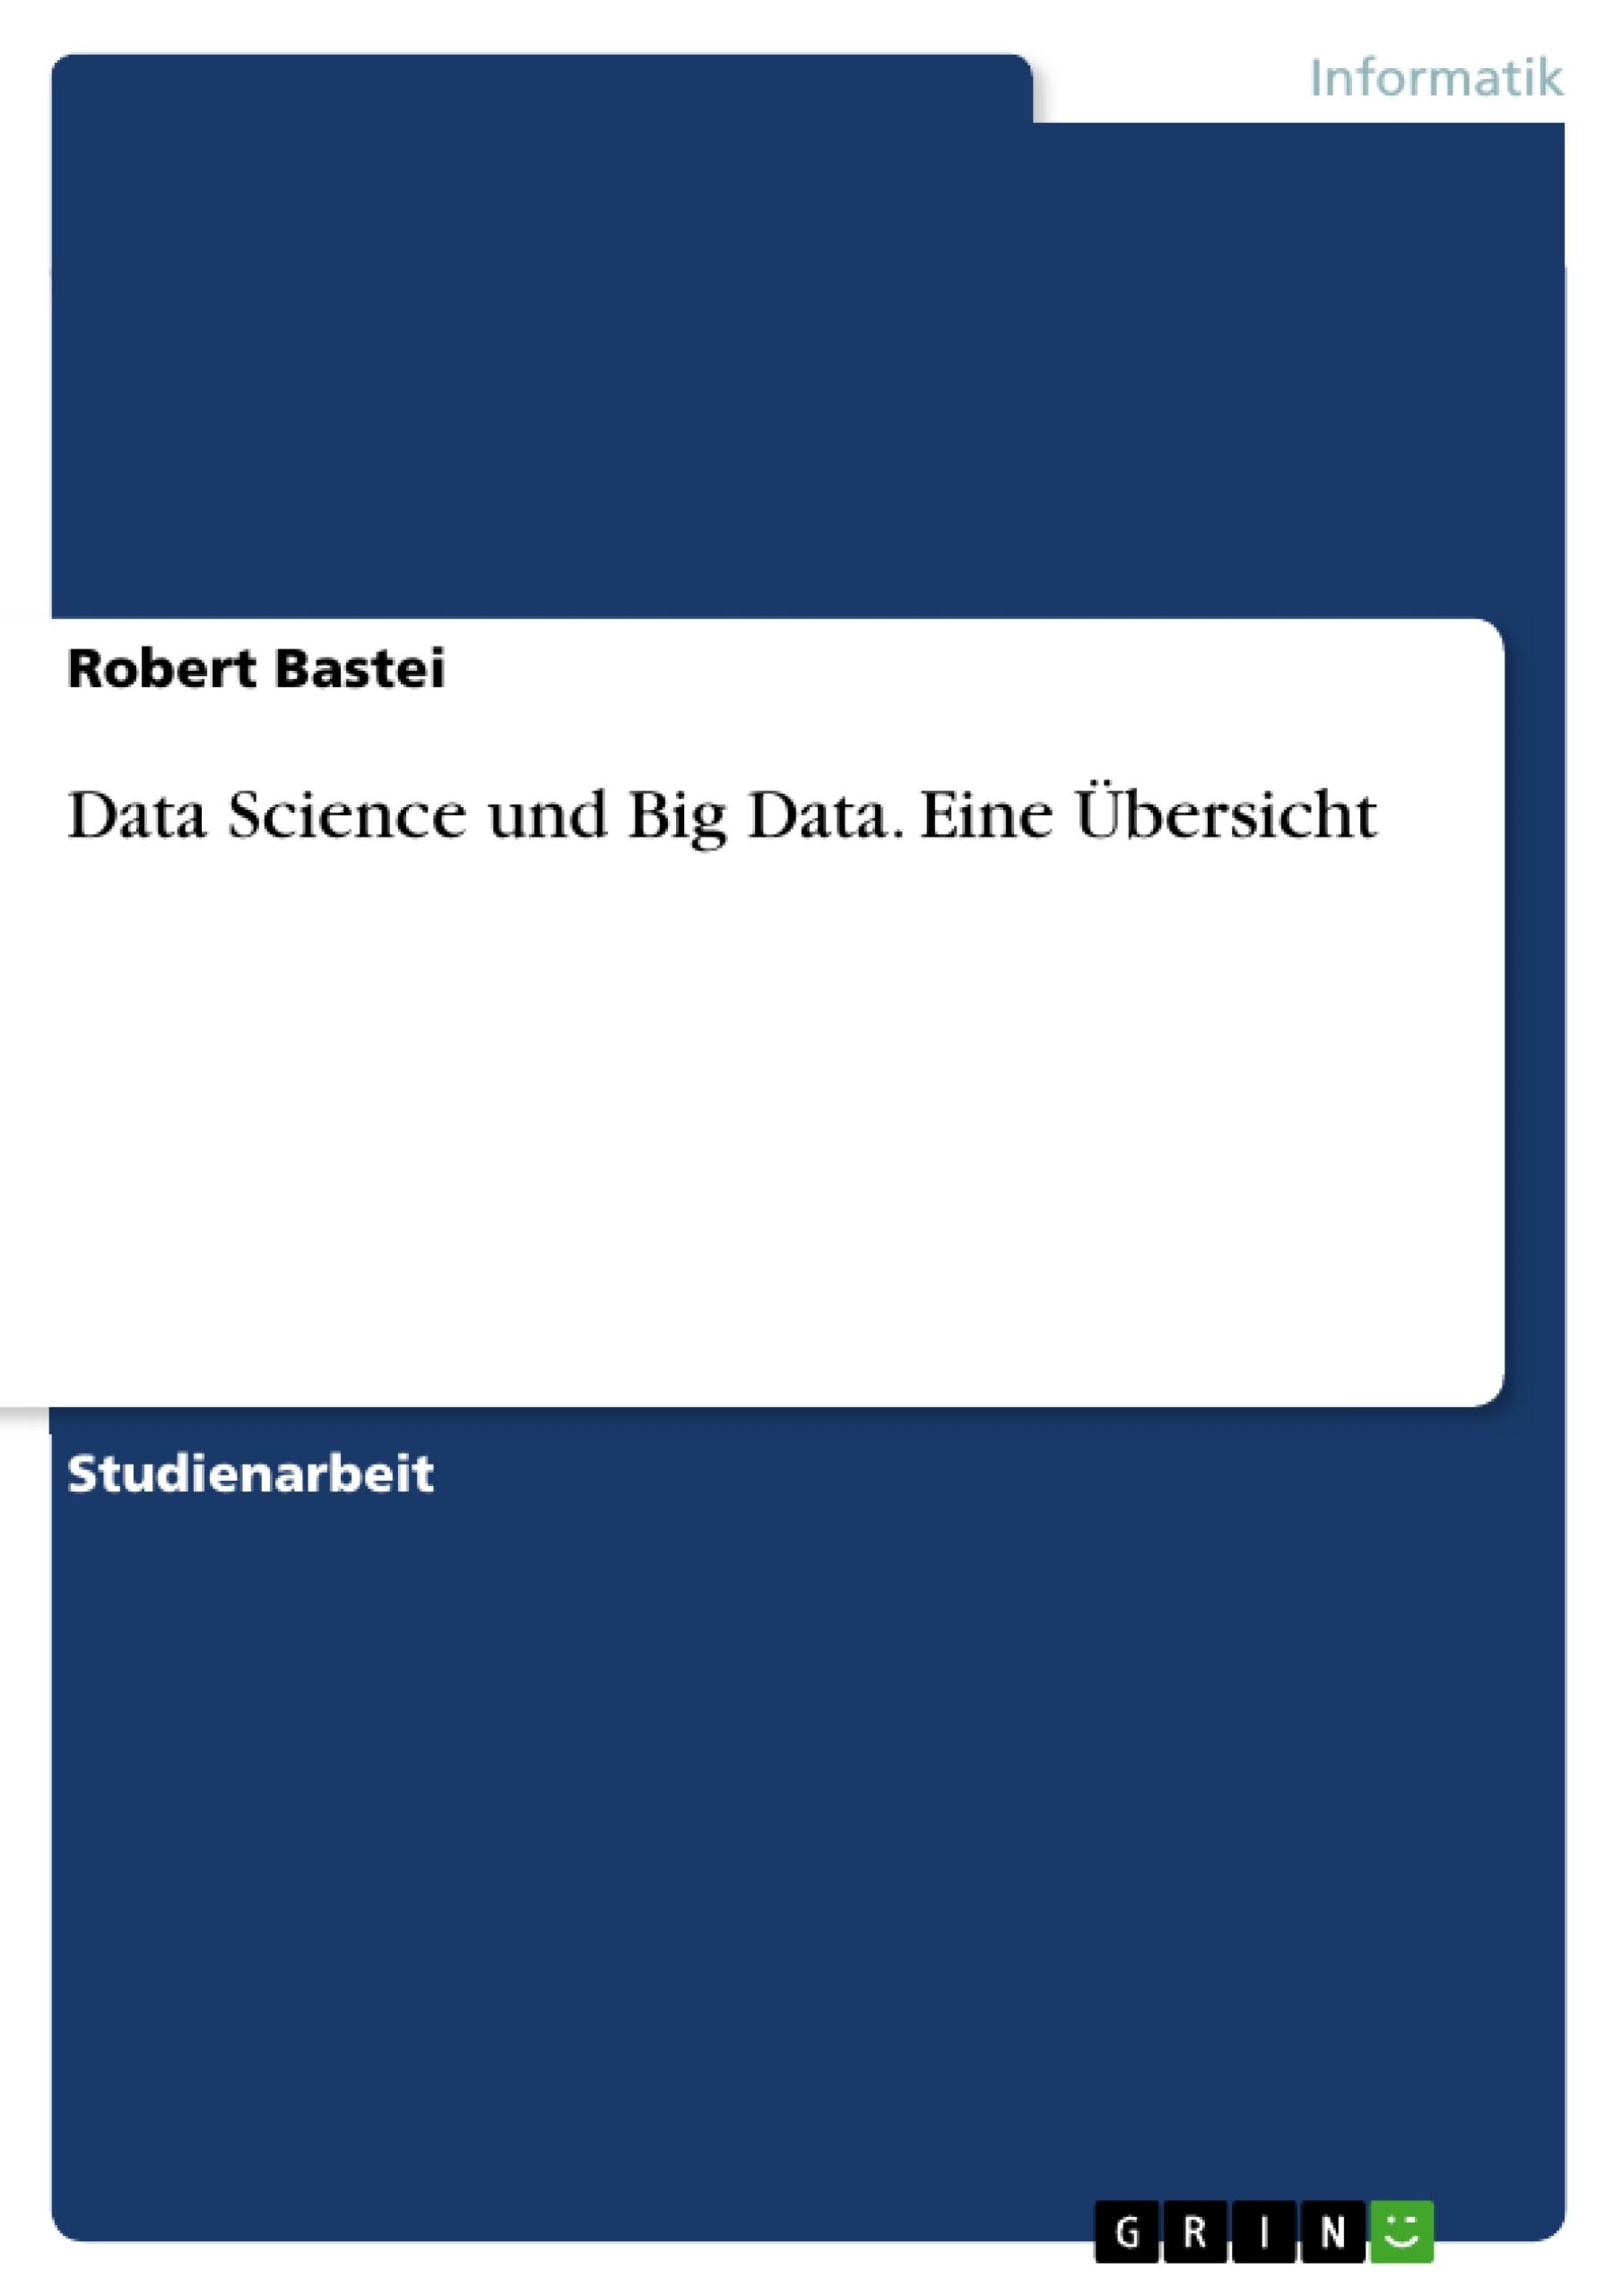 Titel: Data Science und Big Data. Eine Übersicht